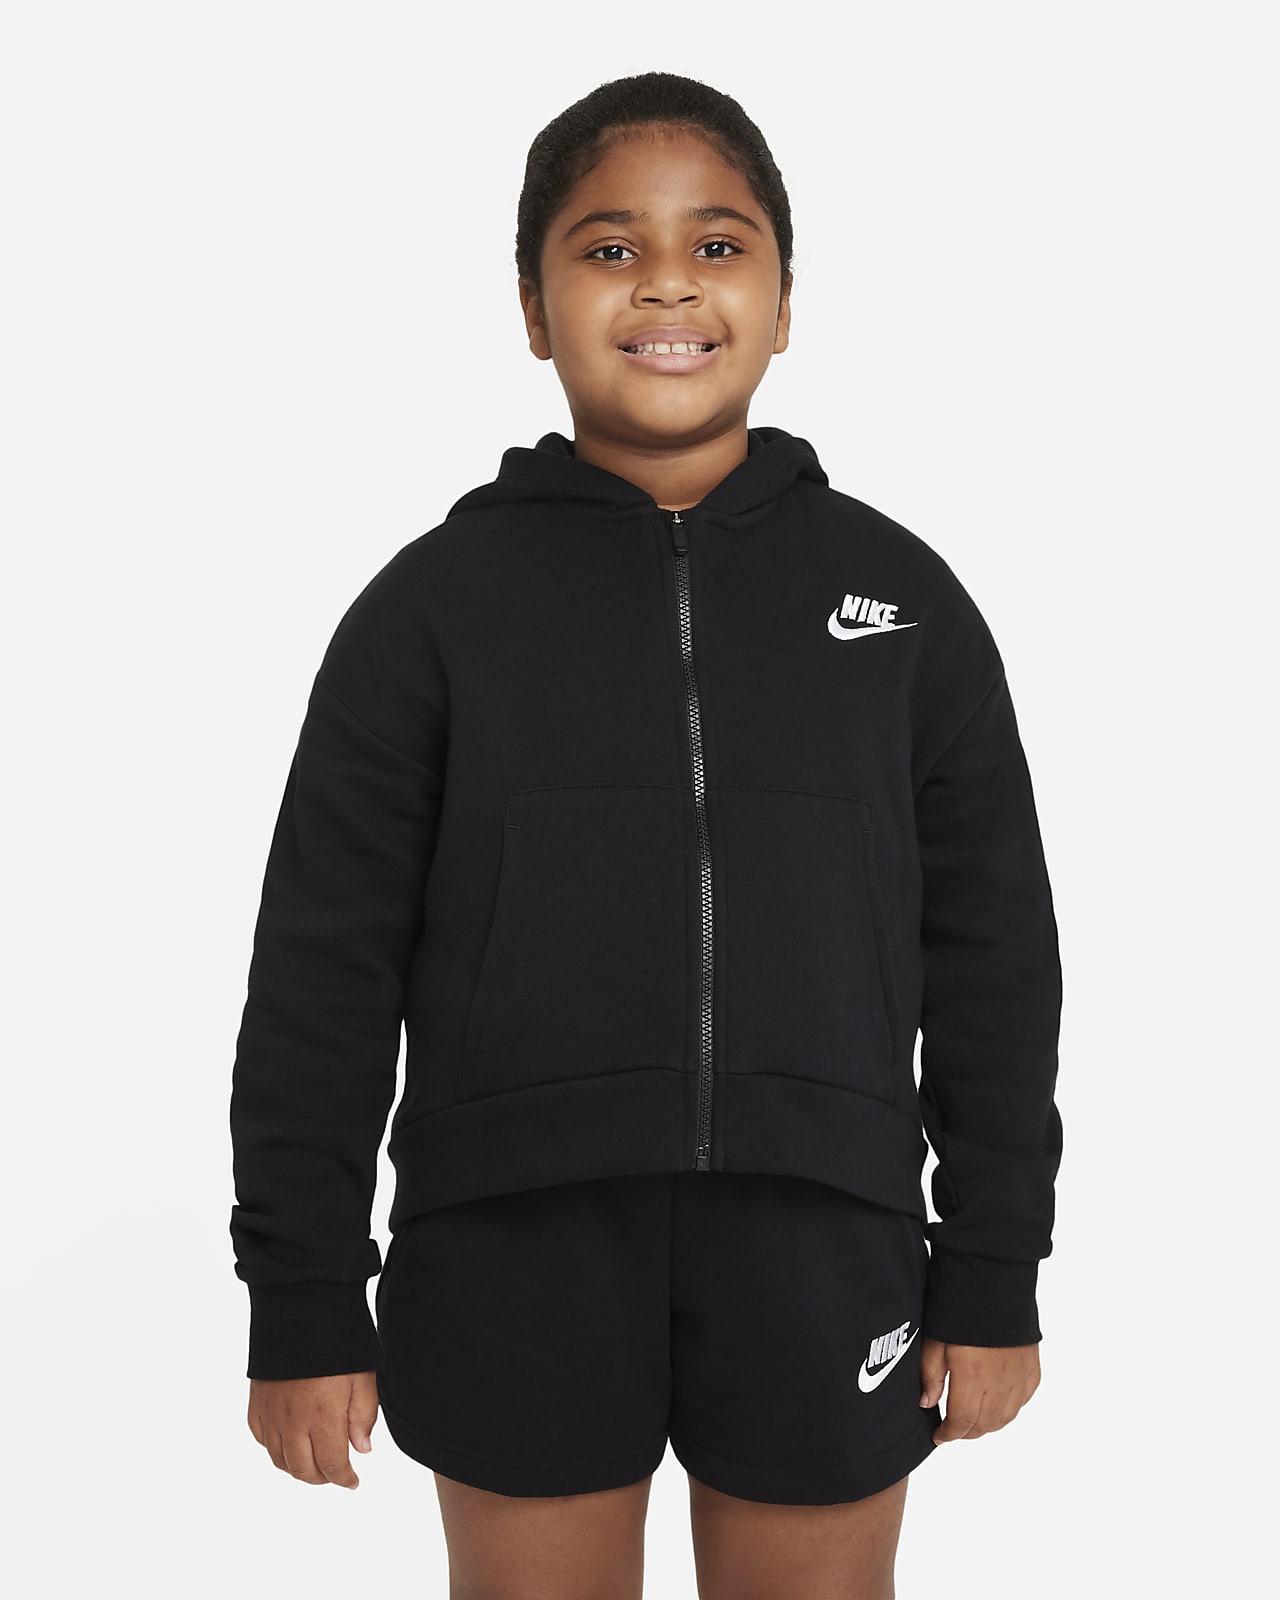 Nike Sportswear Club Fleece hettegenser med hel glidelås til store barn (jente) (utvidet størrelse)